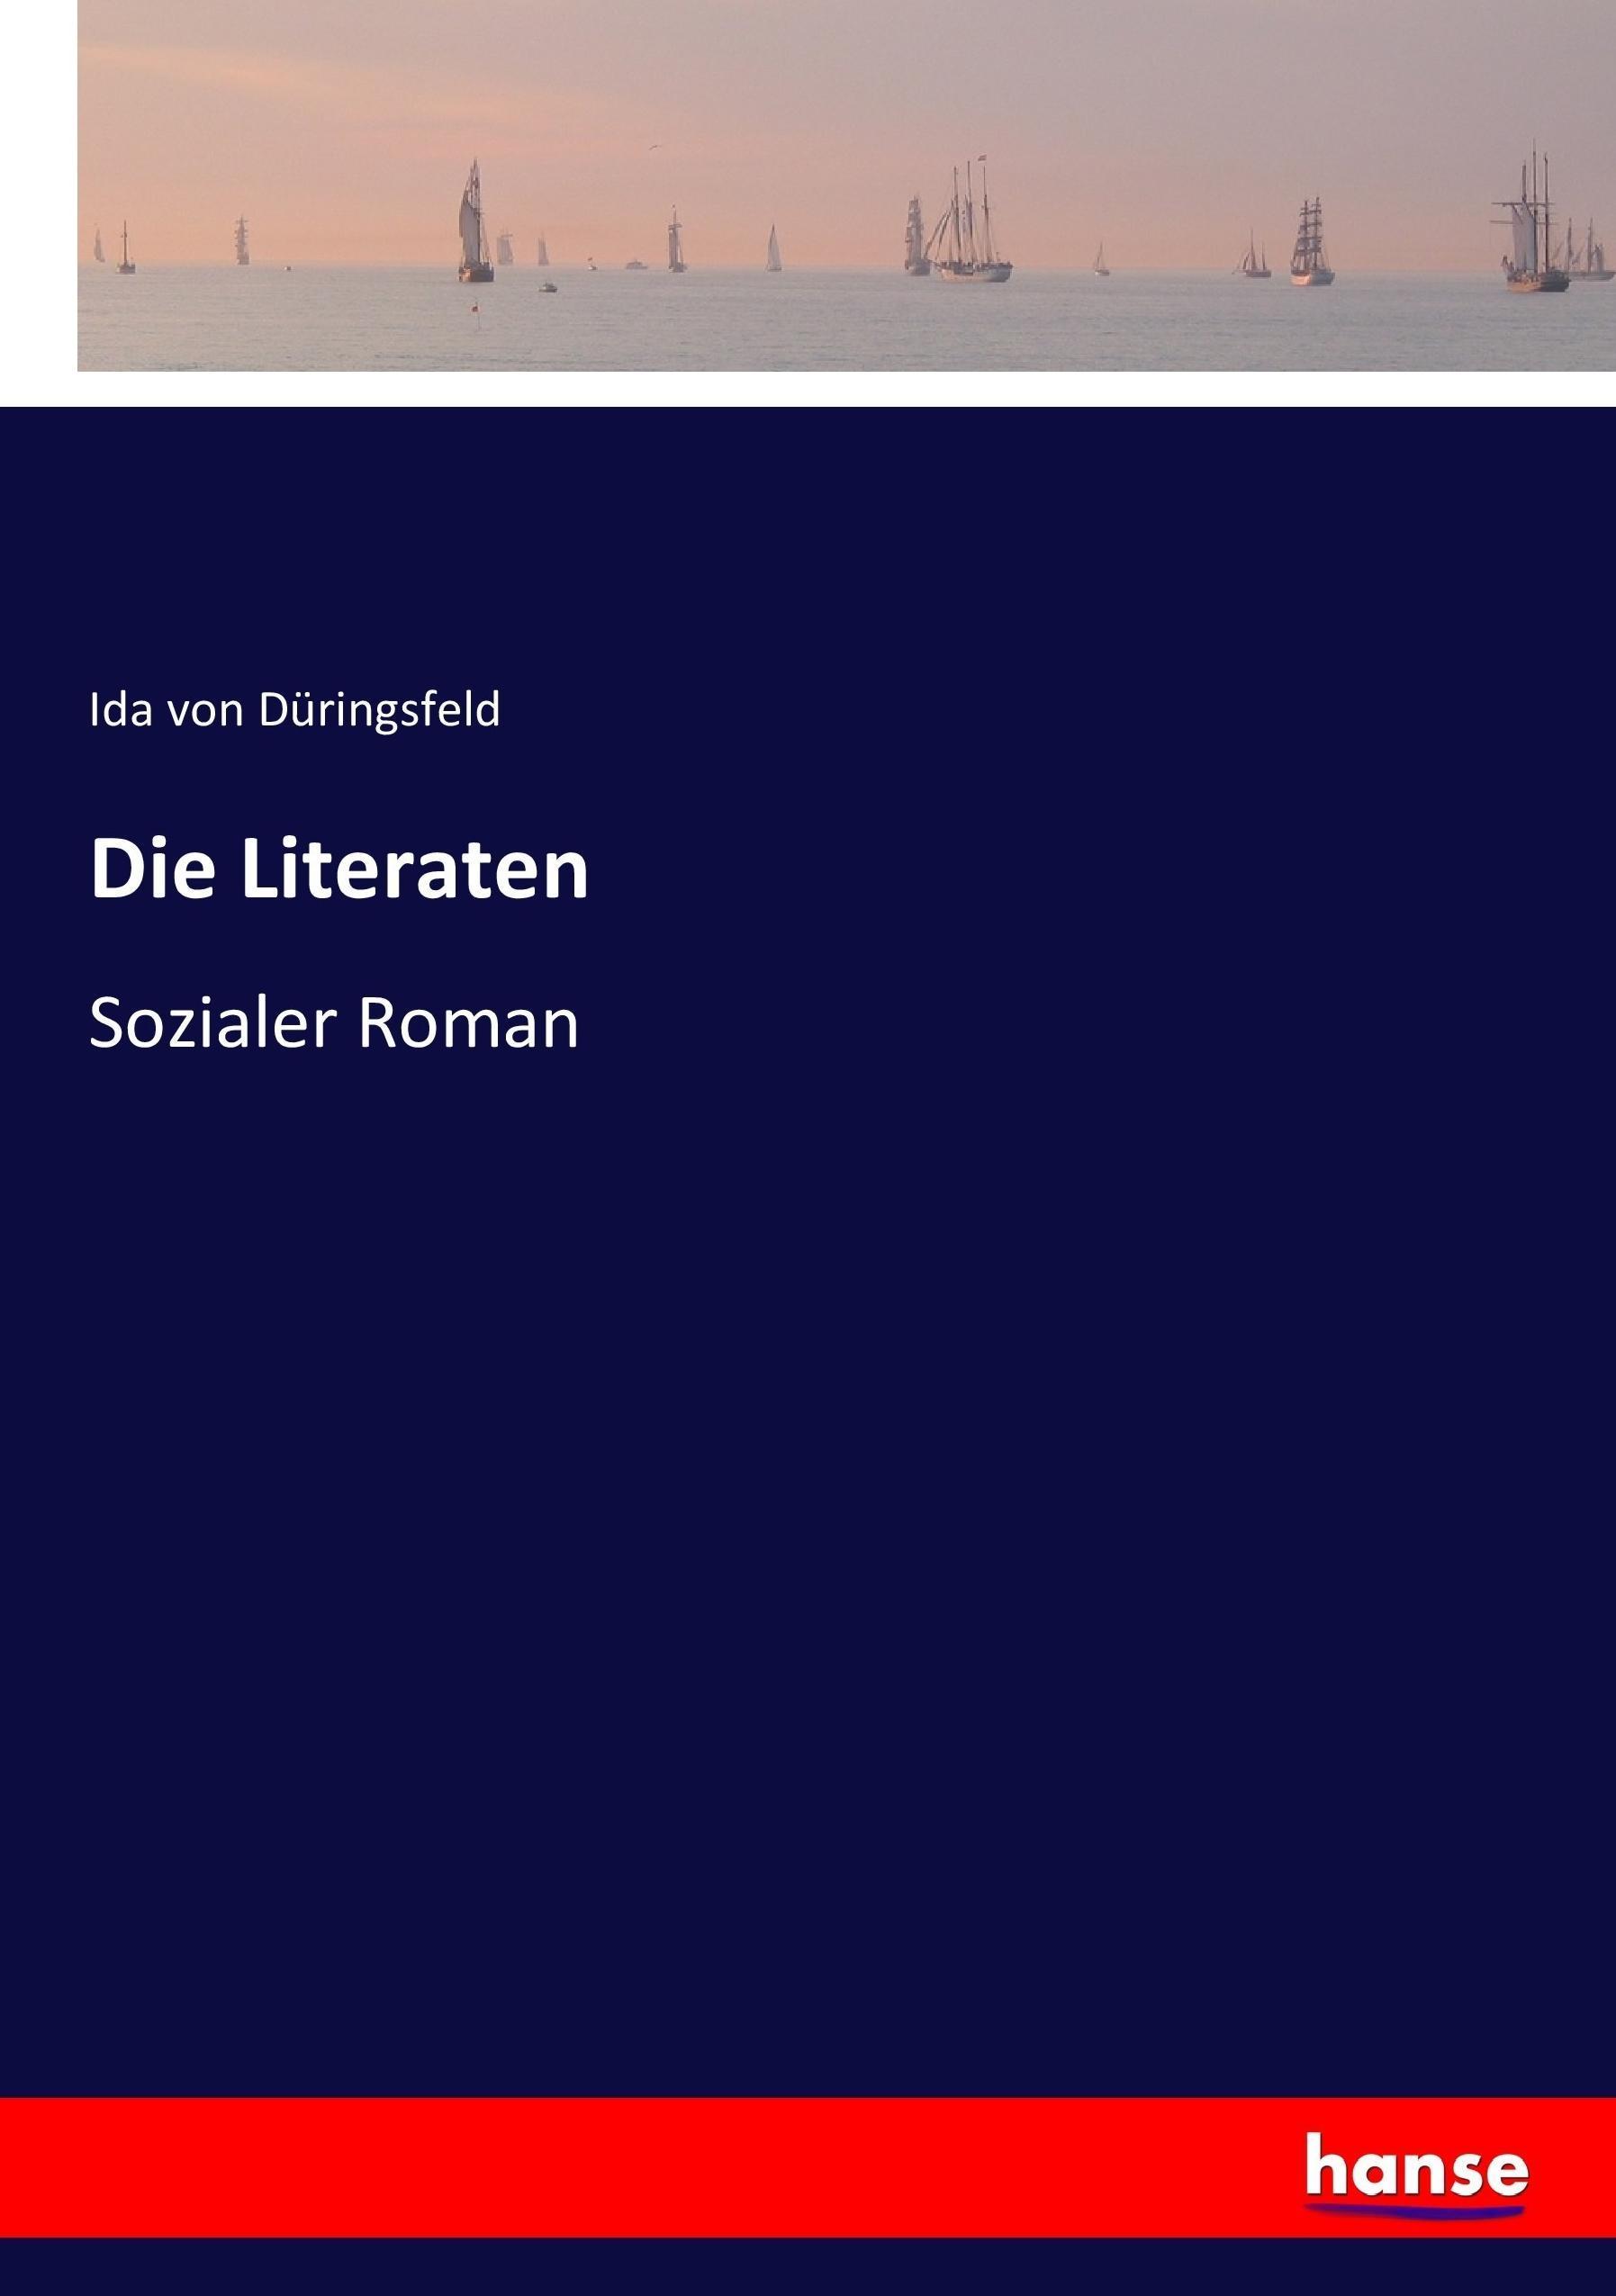 Die Literaten Ida von Düringsfeld